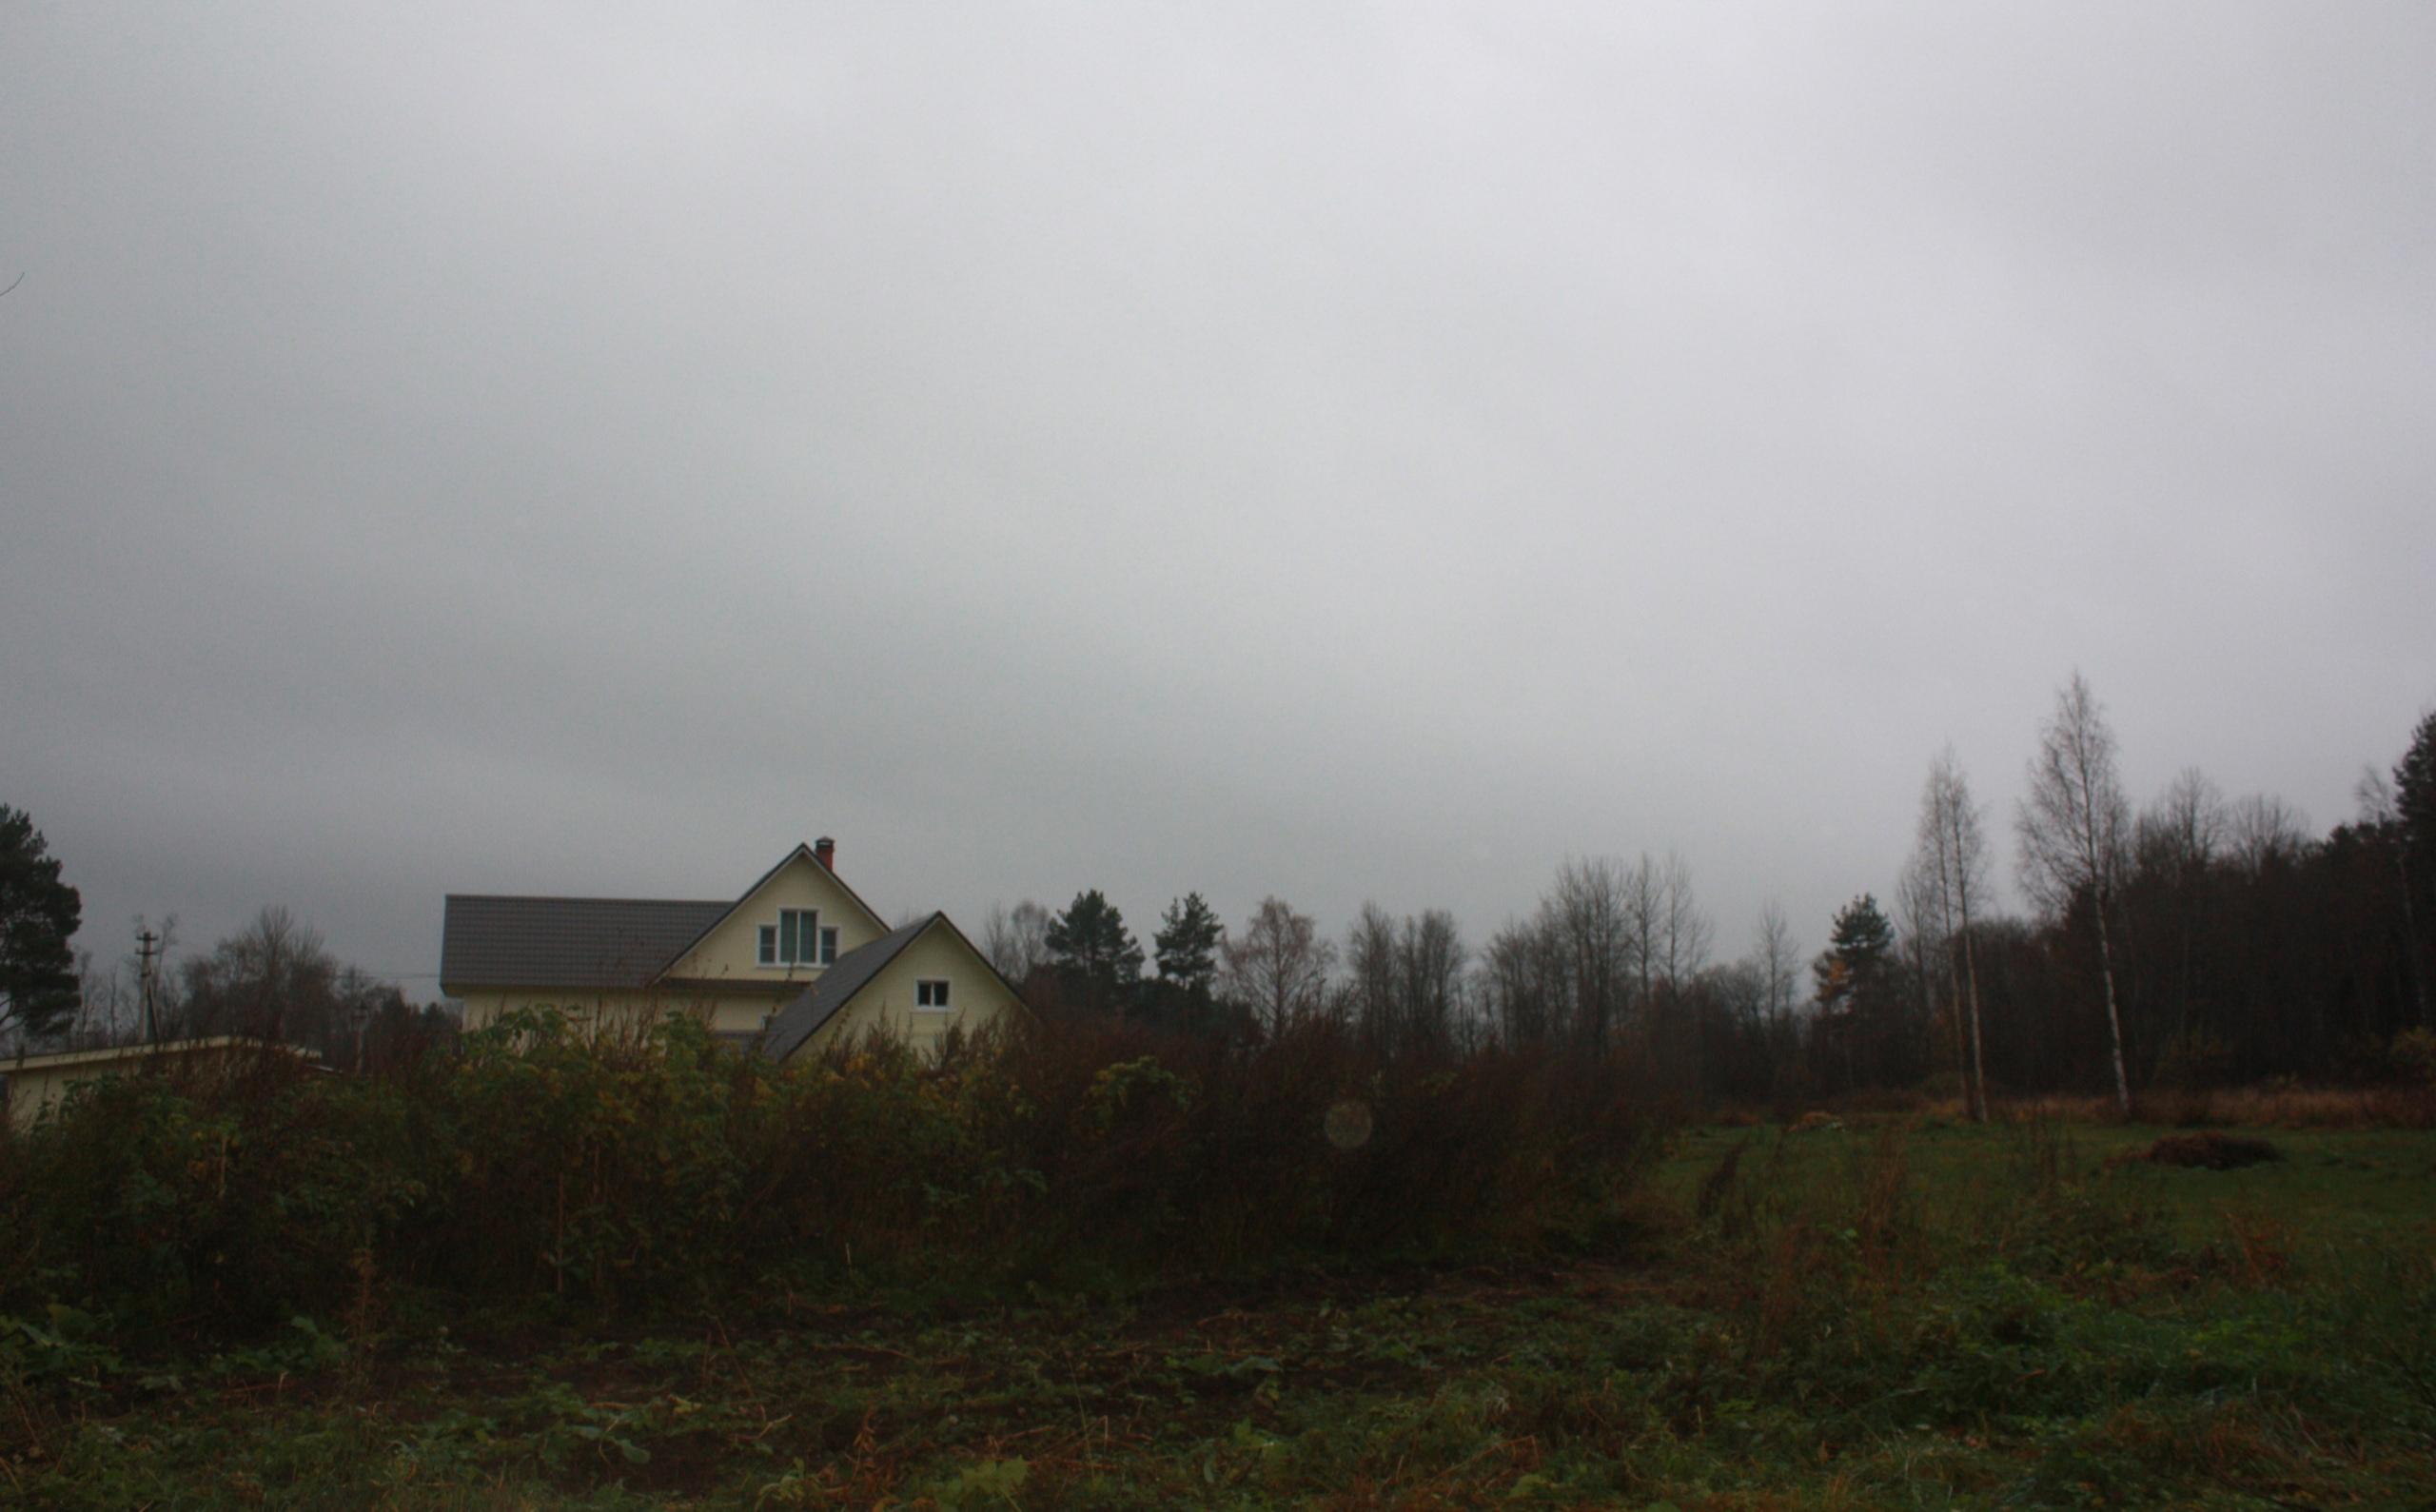 Гектар для депутата: в Усть-Кубинском районе на месте выделенного под вырубку леса оказались дома